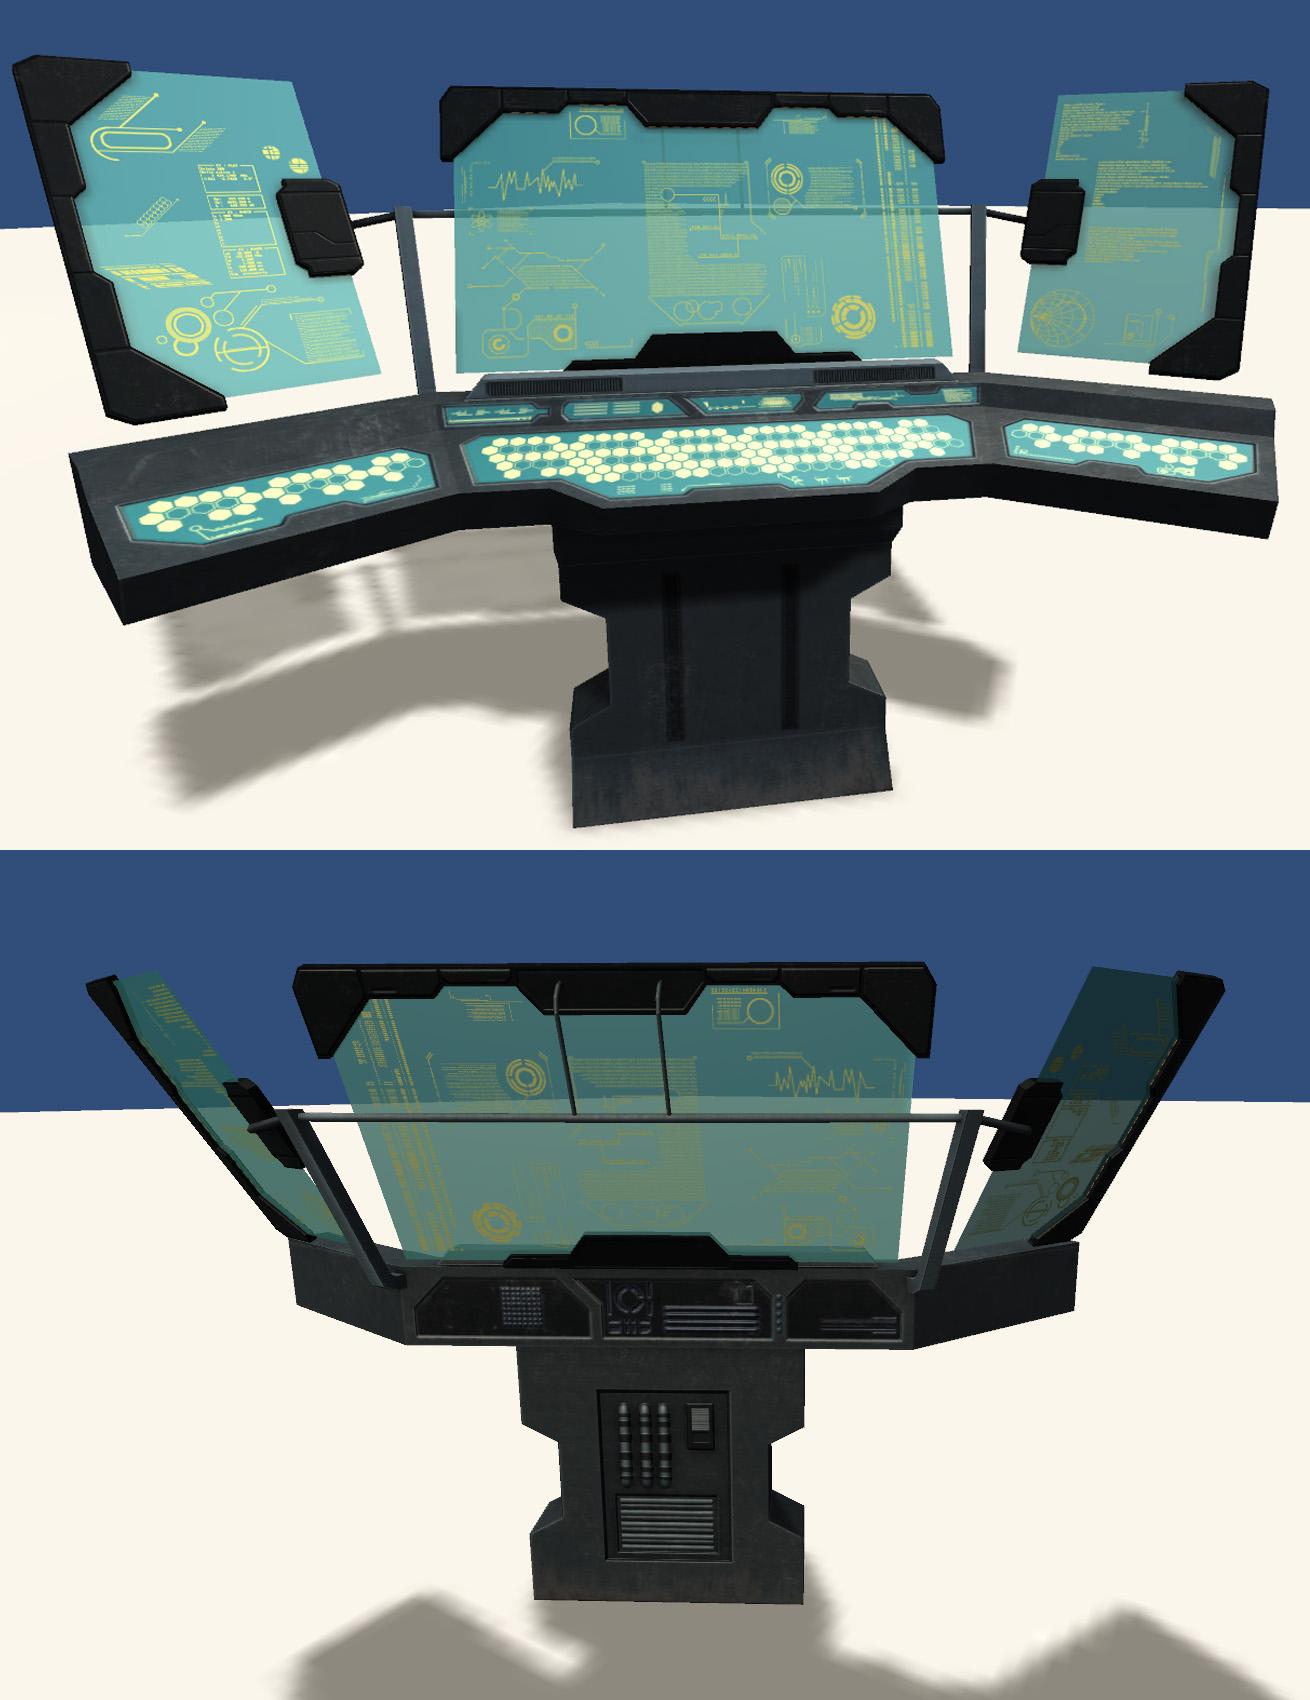 $console.jpg